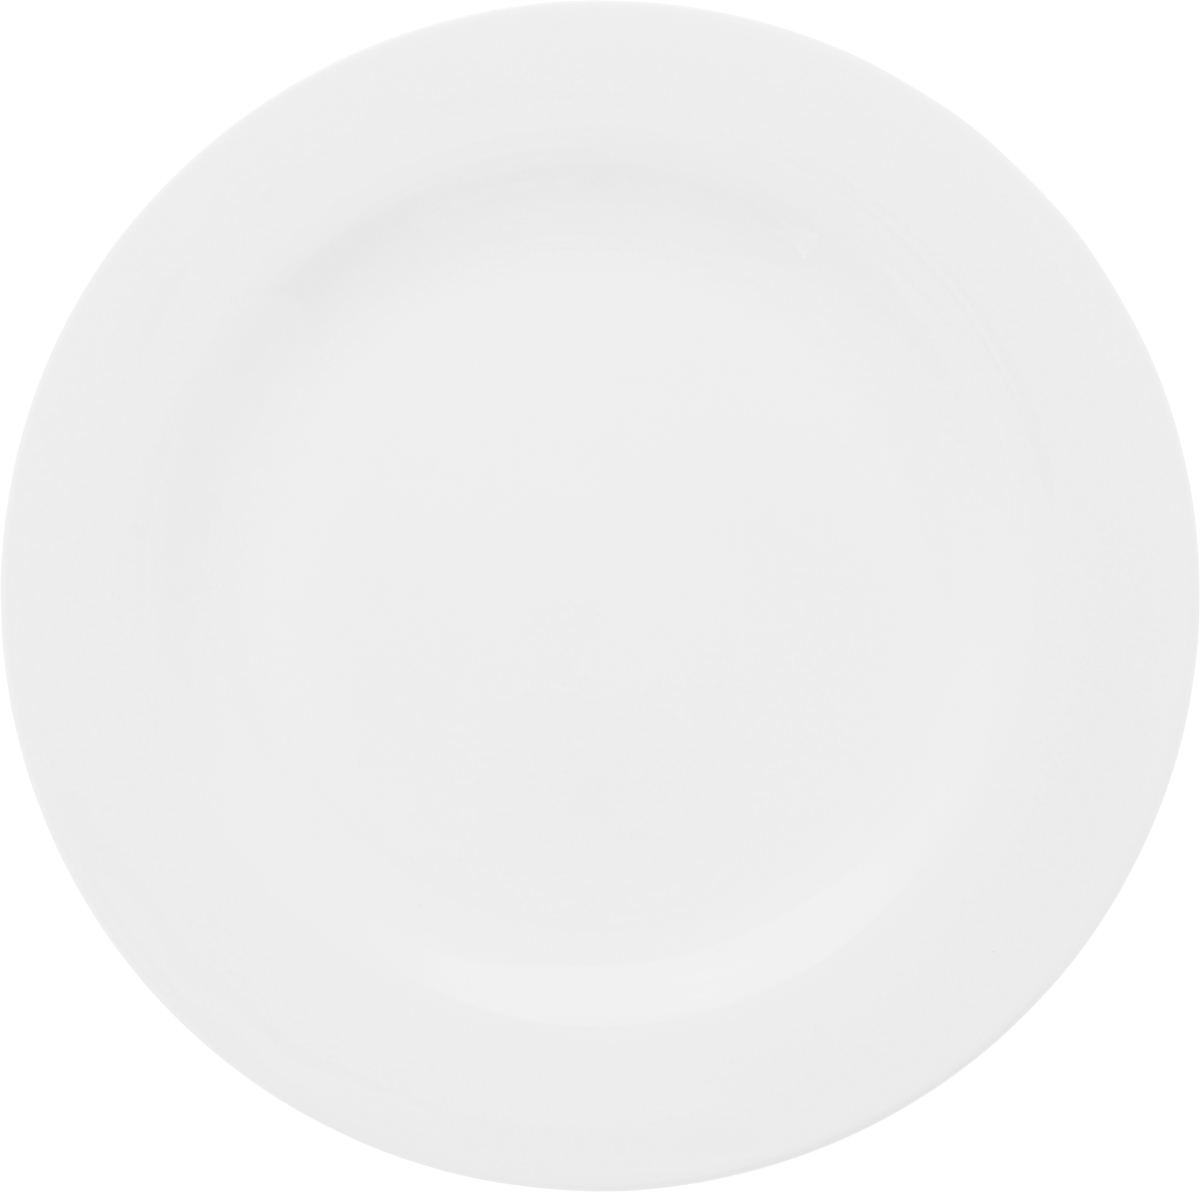 Тарелка обеденная Luminarc Evolution Peps, диаметр 25 см20-04Тарелка обеденная Luminarc Evolution Peps выполнена из высококачественного стекла.Тарелка прекрасно оформит стол и станет егонеизменным атрибутом.Можно использовать в микроволновой печи и мыть в посудомоечной машине.